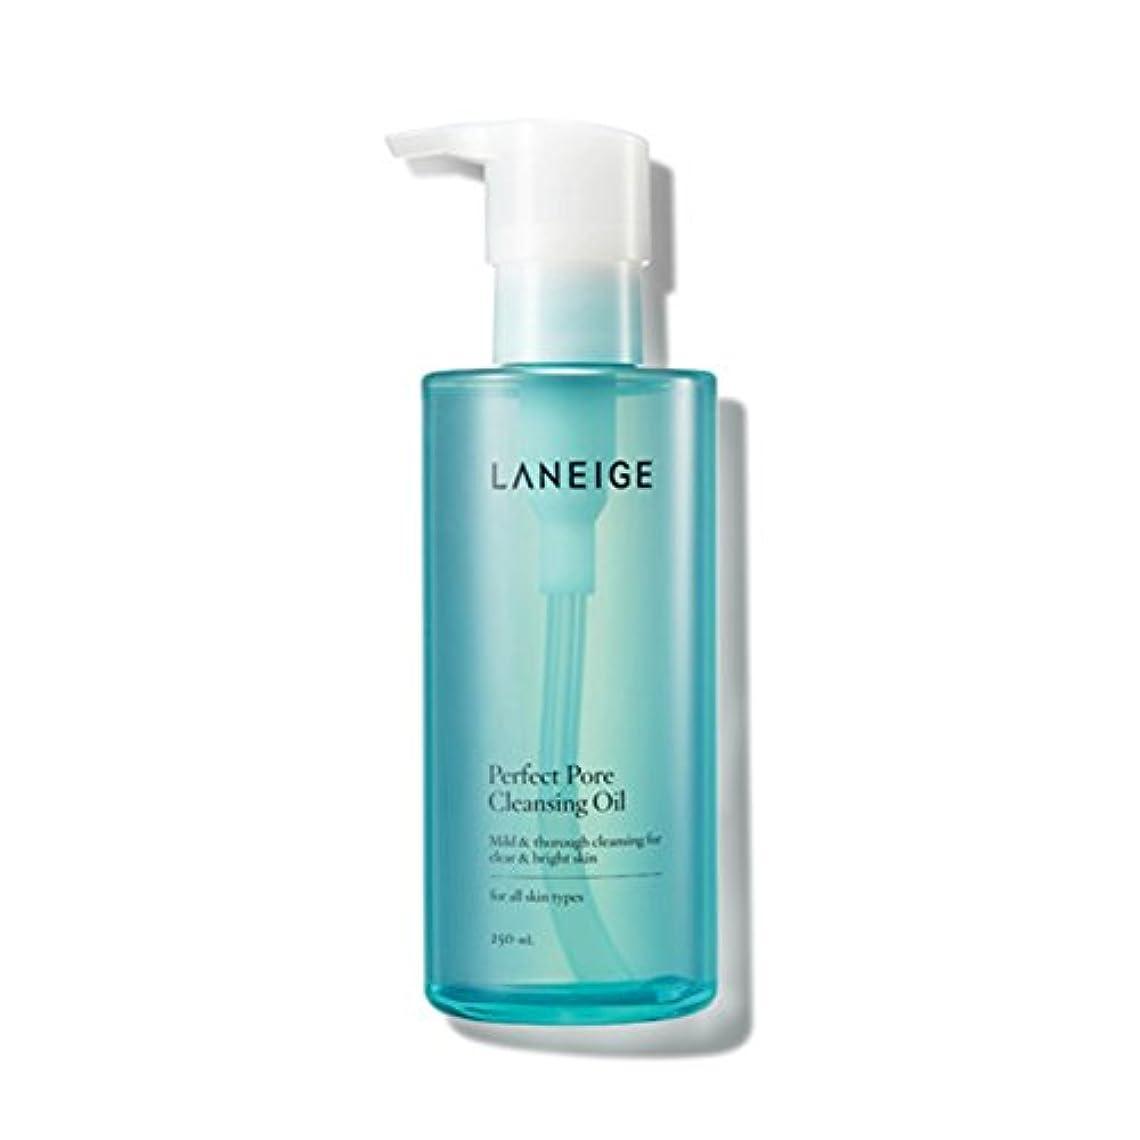 口実サンダー弾薬[ラネージュ/ LANEIGE] ラネージュ パーフェクトポア クレンジングオイル 250ml/ Perfect Pore Cleansing Oil +[Sample Gift](海外直送品)